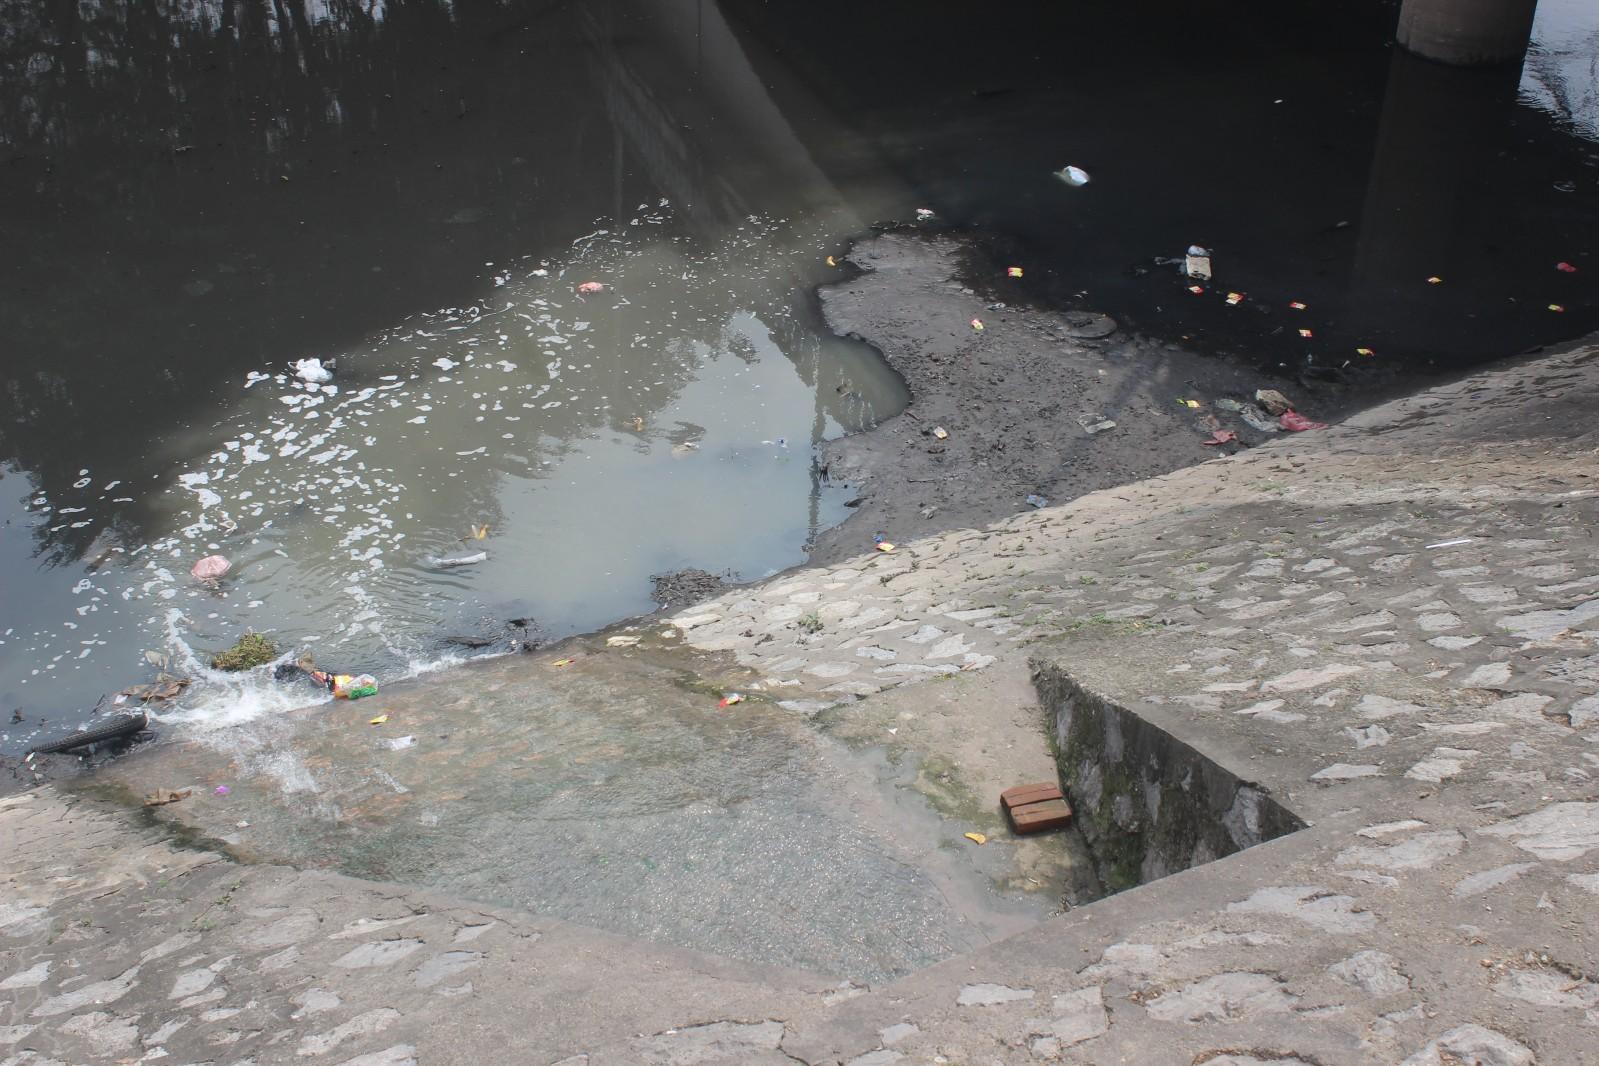 Sông Tô Lịch vốn sở hữu nhiều cống nước thải trực tiếp xuống sông Tô Lịch